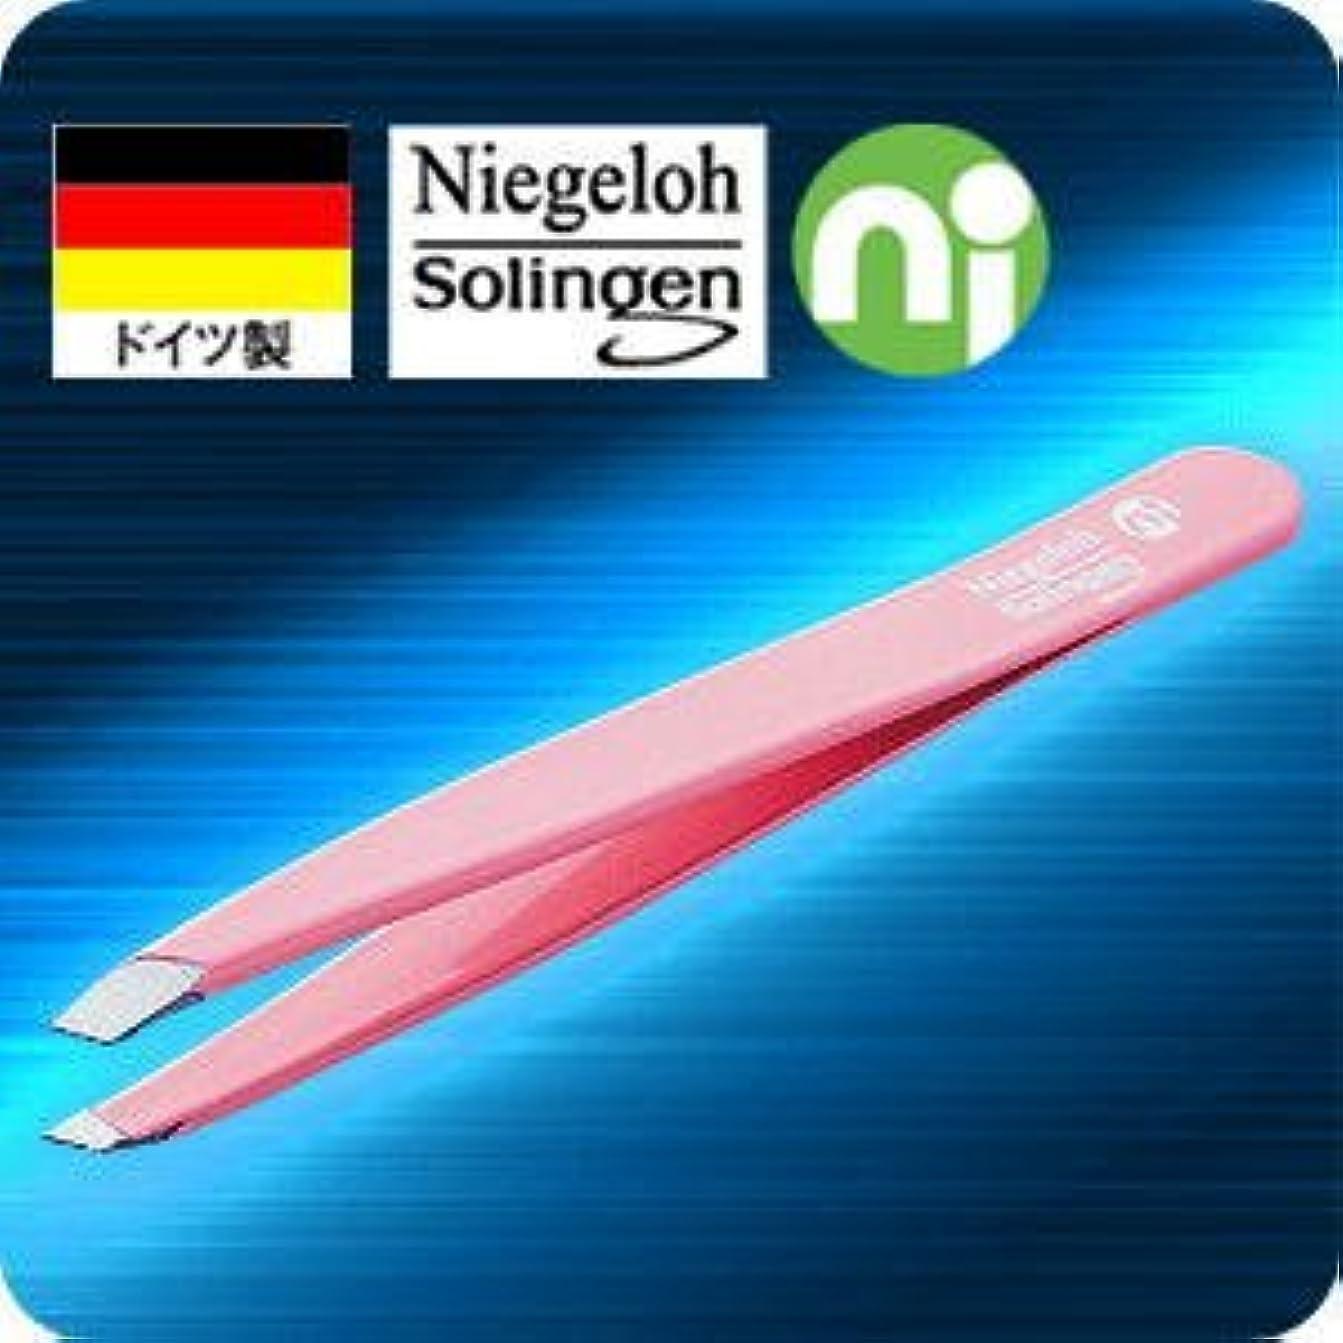 操る興奮付属品ドイツ ゾーリンゲンNiegeloh(ニゲロ社)のツイザー